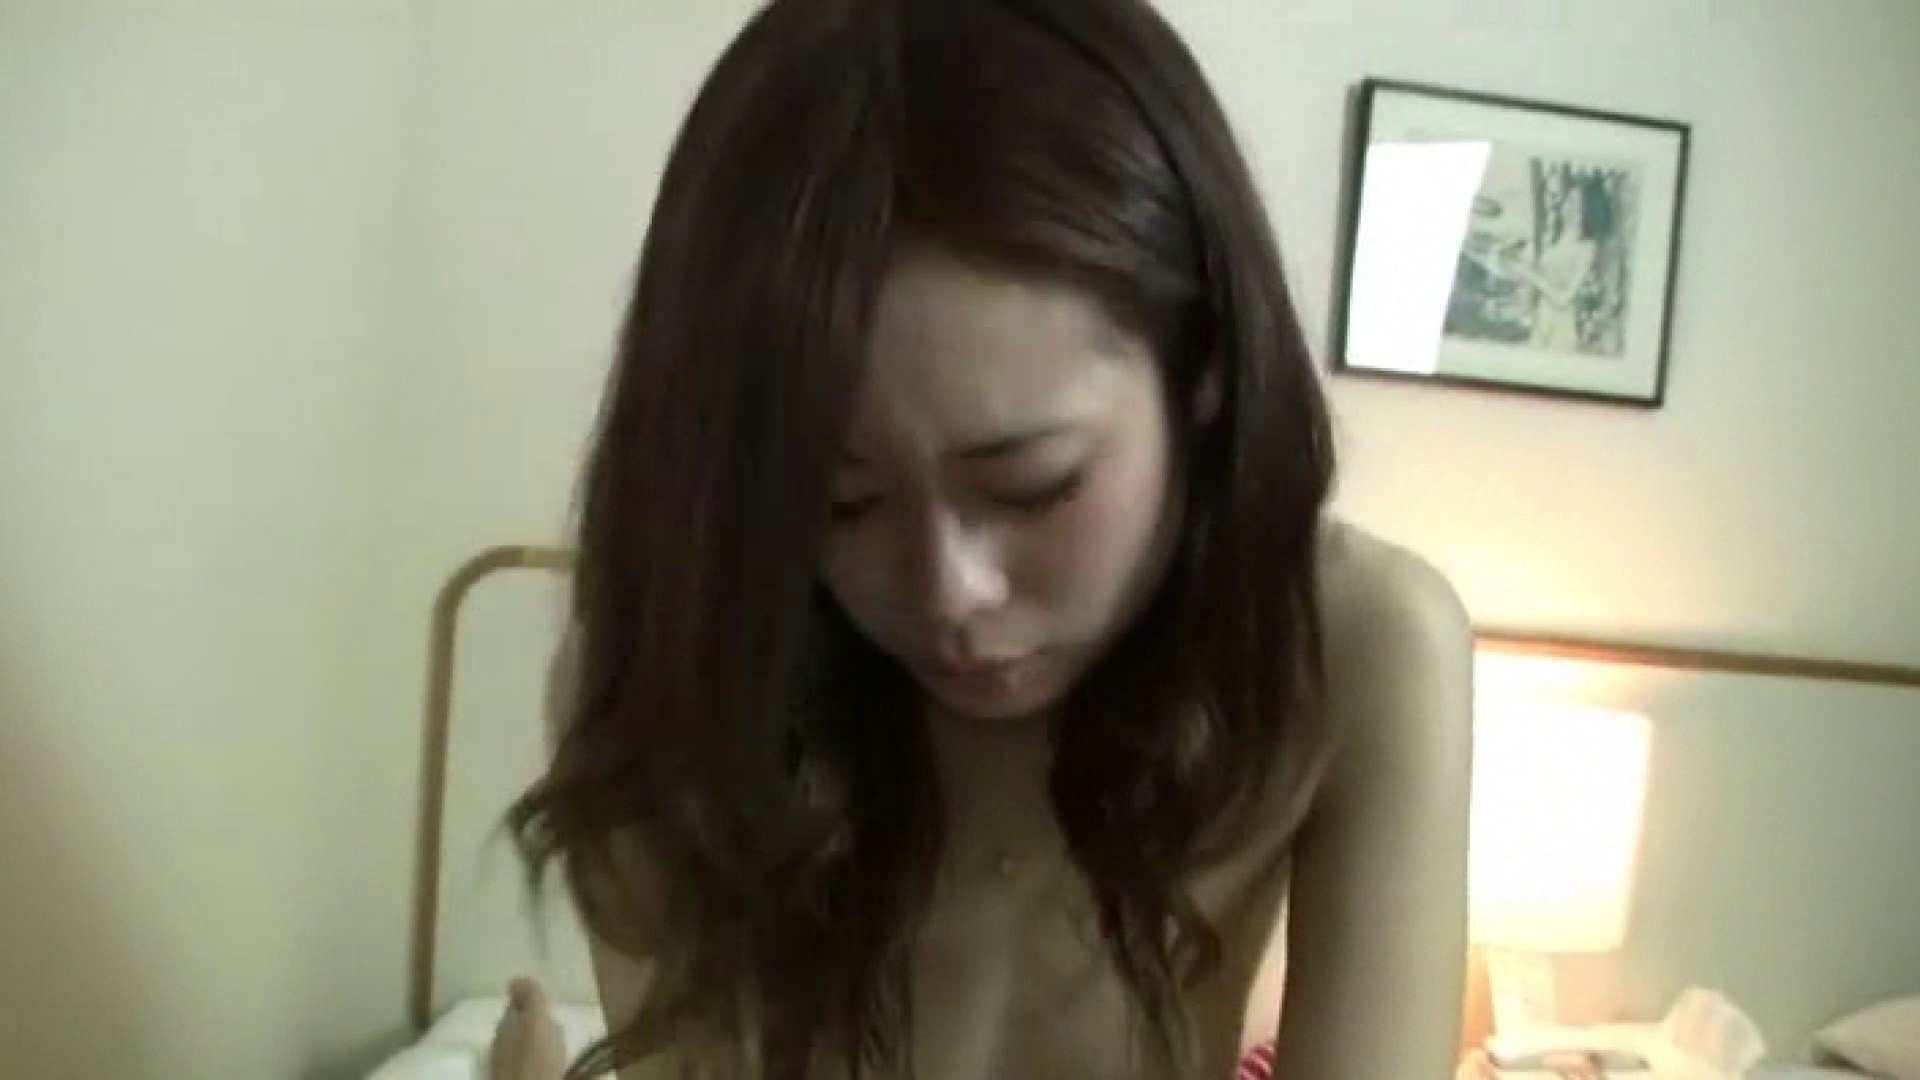 おしえてギャル子のH塾 Vol.34後編 フェラチオ映像  52pic 28